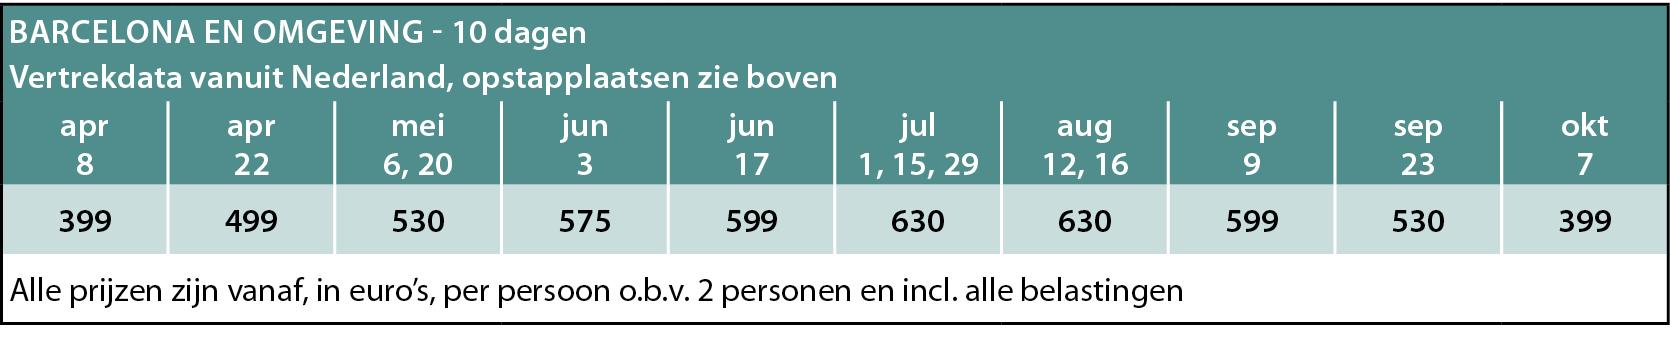 Prices-Barcelona-eo-2019